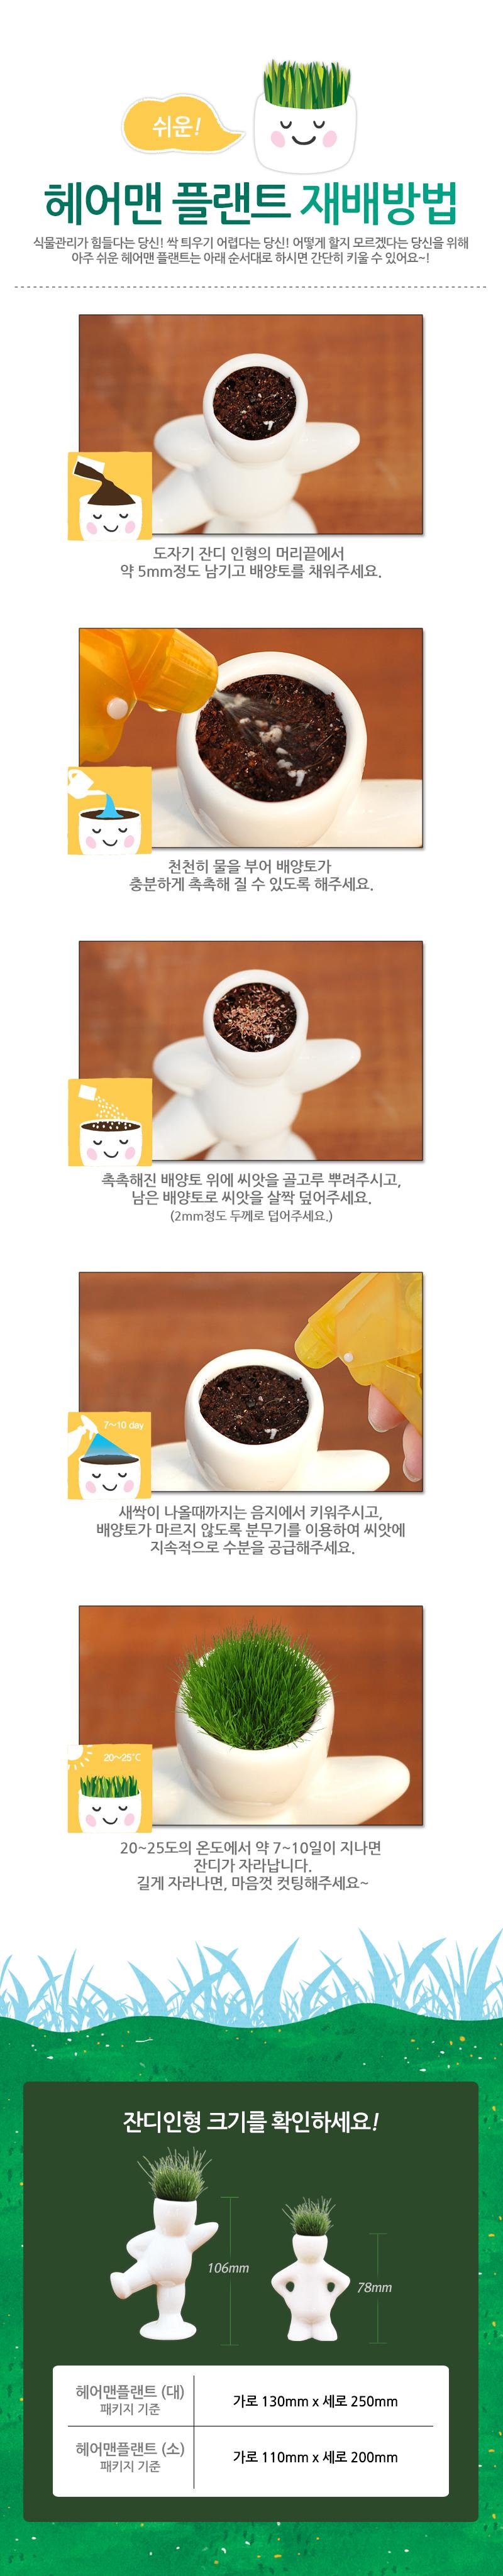 잔디인형 헤어맨플랜트(소)_당당이 - 꿈쟁이플라워캔, 3,000원, 새싹/모종키우기, 새싹 키우기